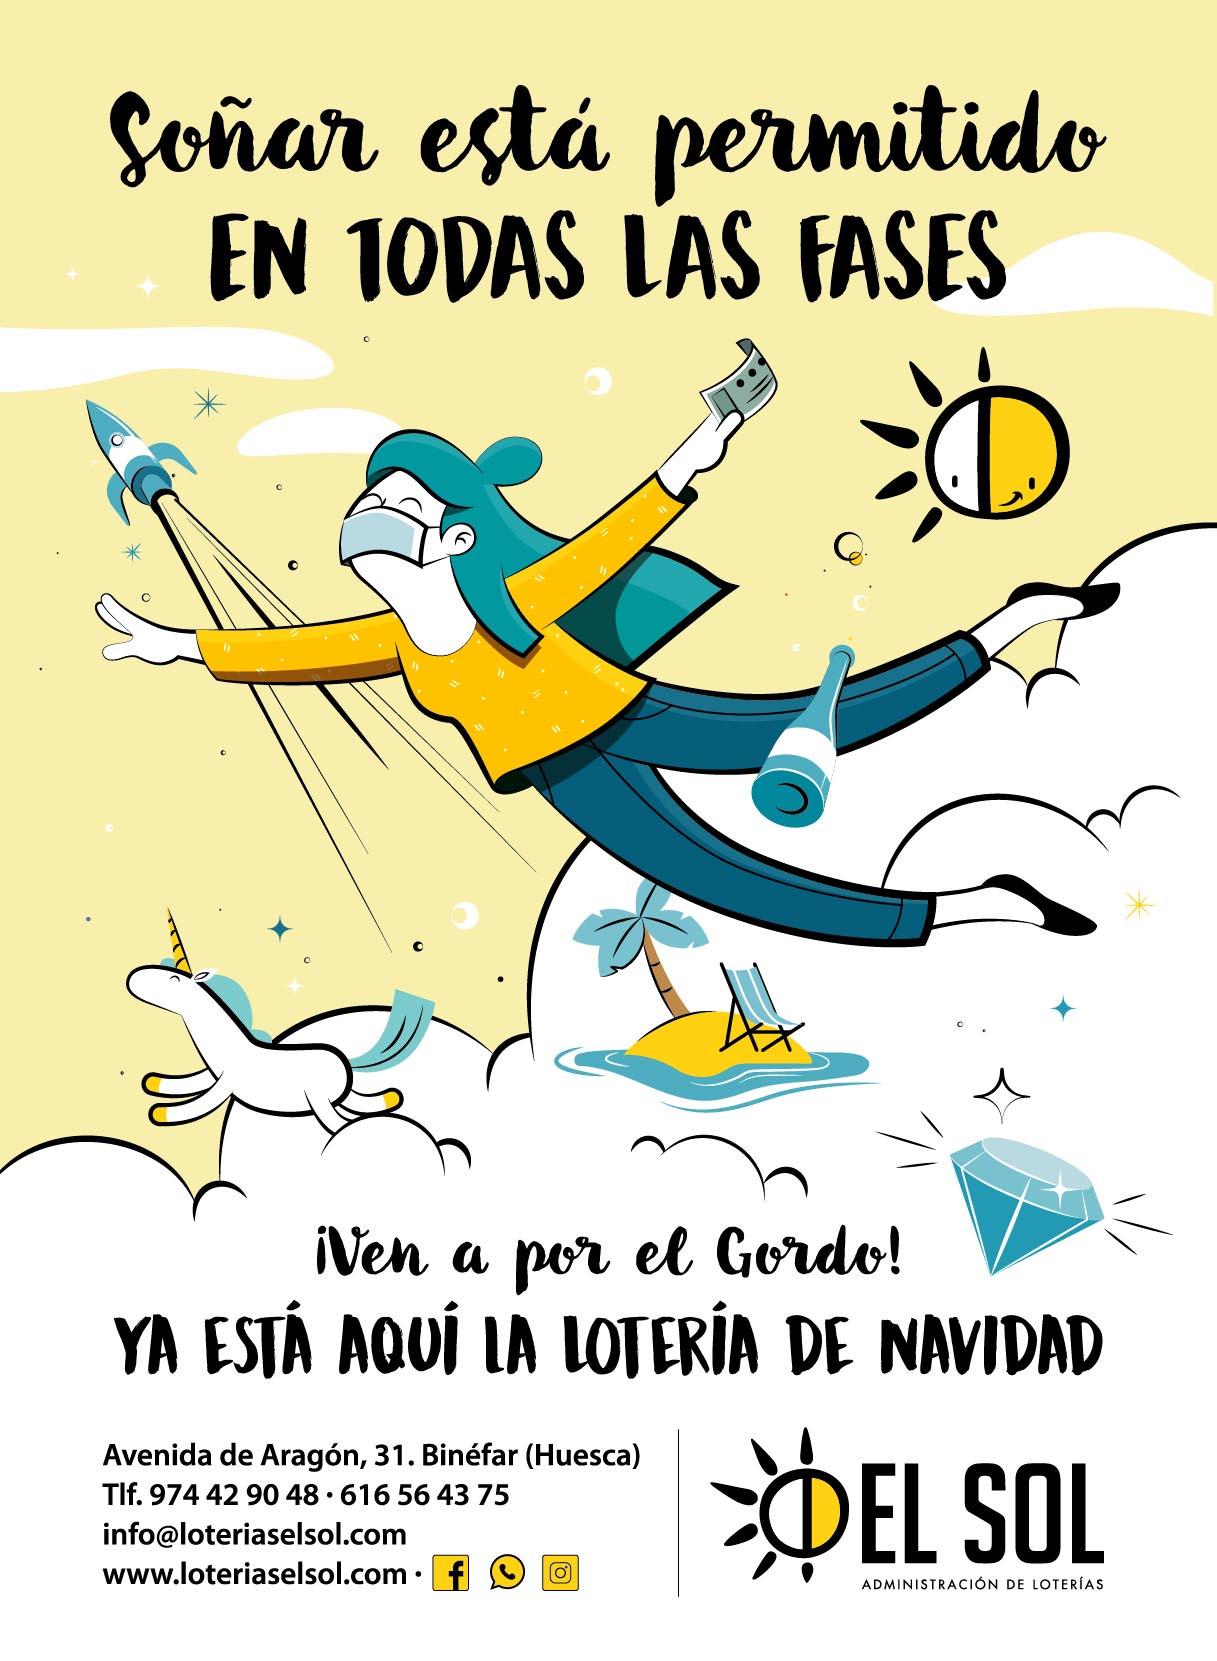 ilustracion publicitaria loteria navidad